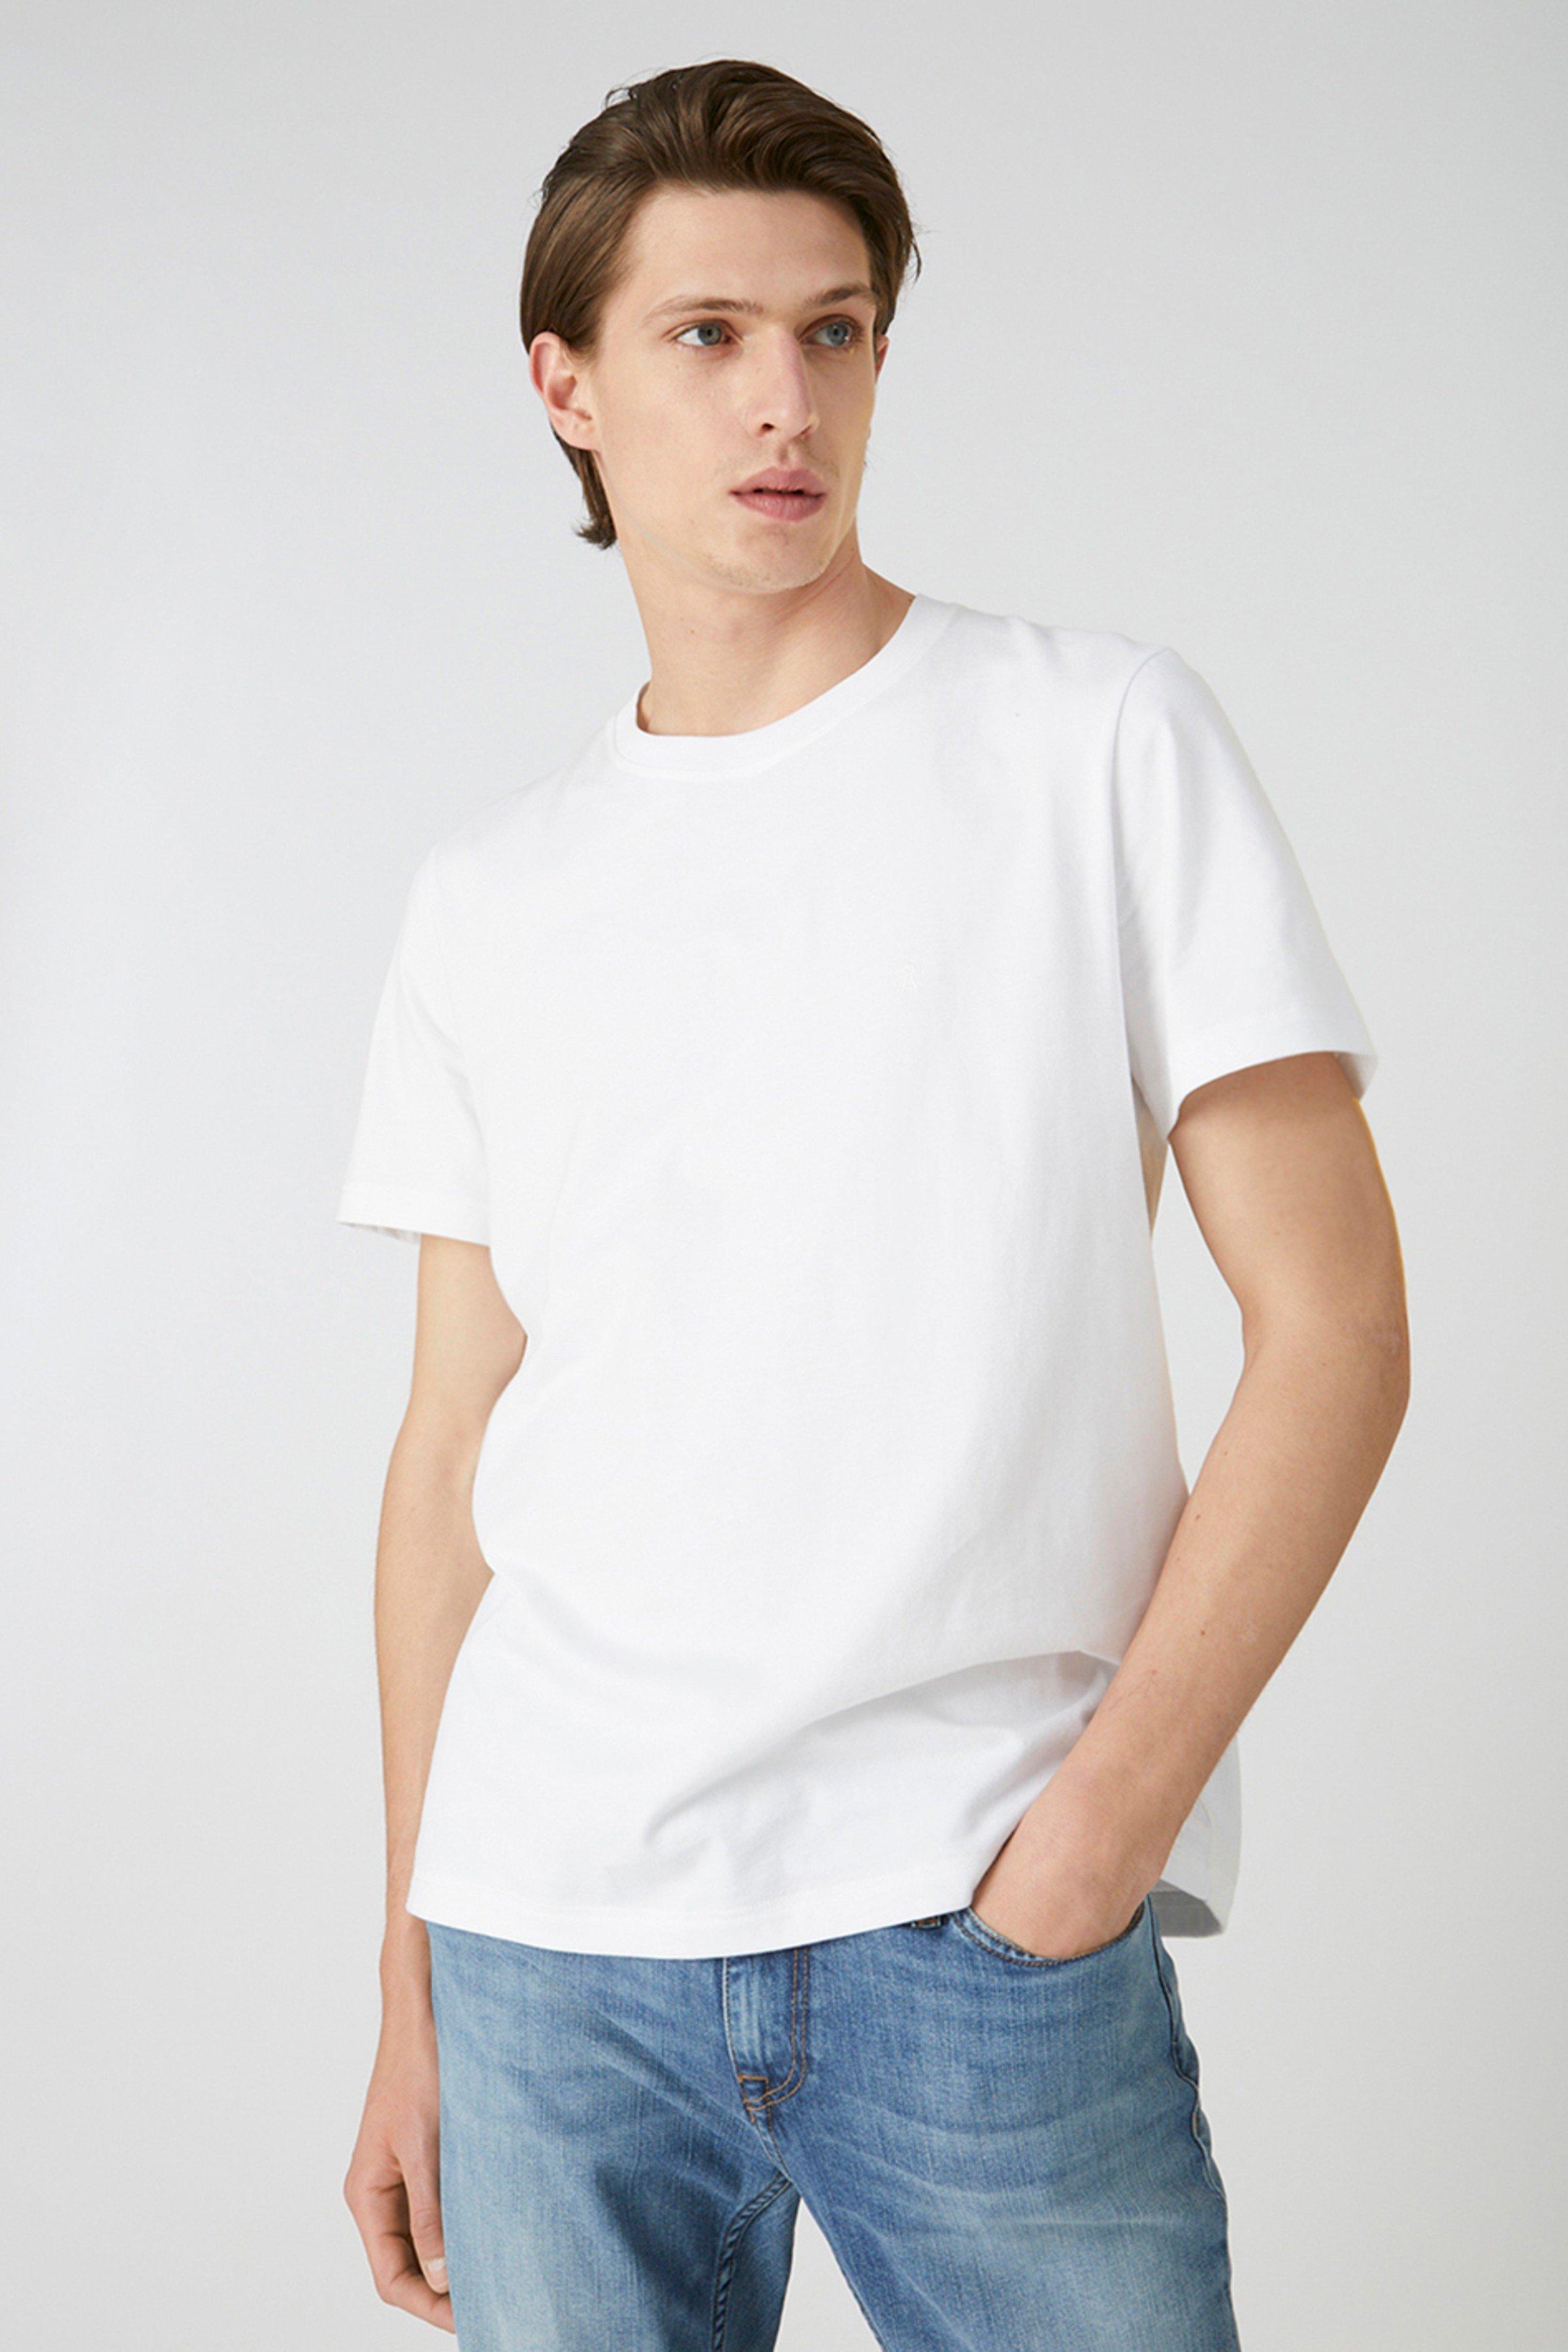 T-Shirt Aado (mehrere Farben)